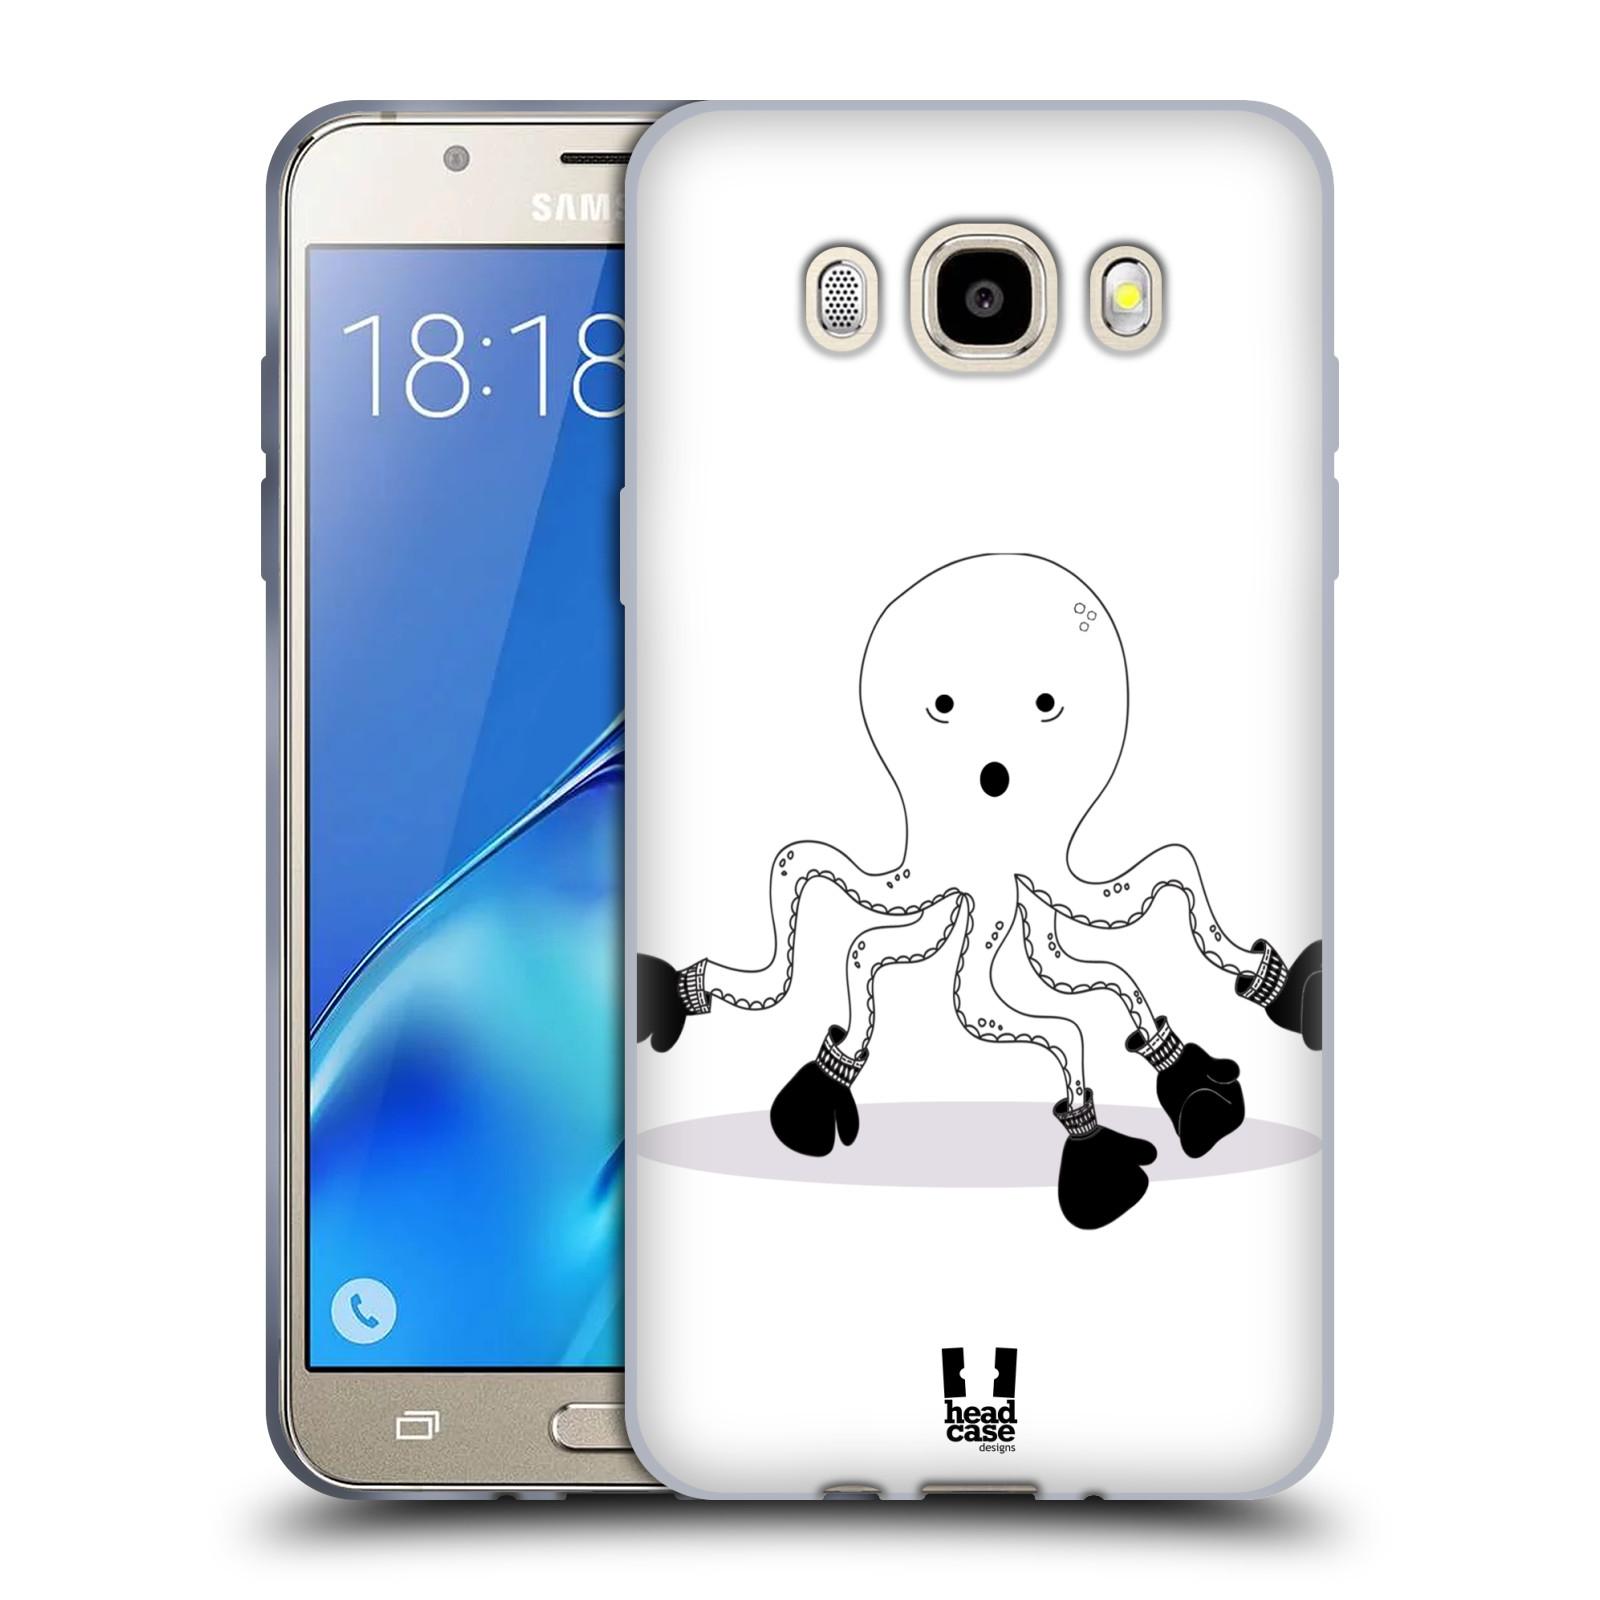 HEAD CASE silikonový obal, kryt na mobil Samsung Galaxy J5 2016, J510, J510F, (J510F DUAL SIM) vzor Bizardní kreslená zvířátka boxer chobotnice